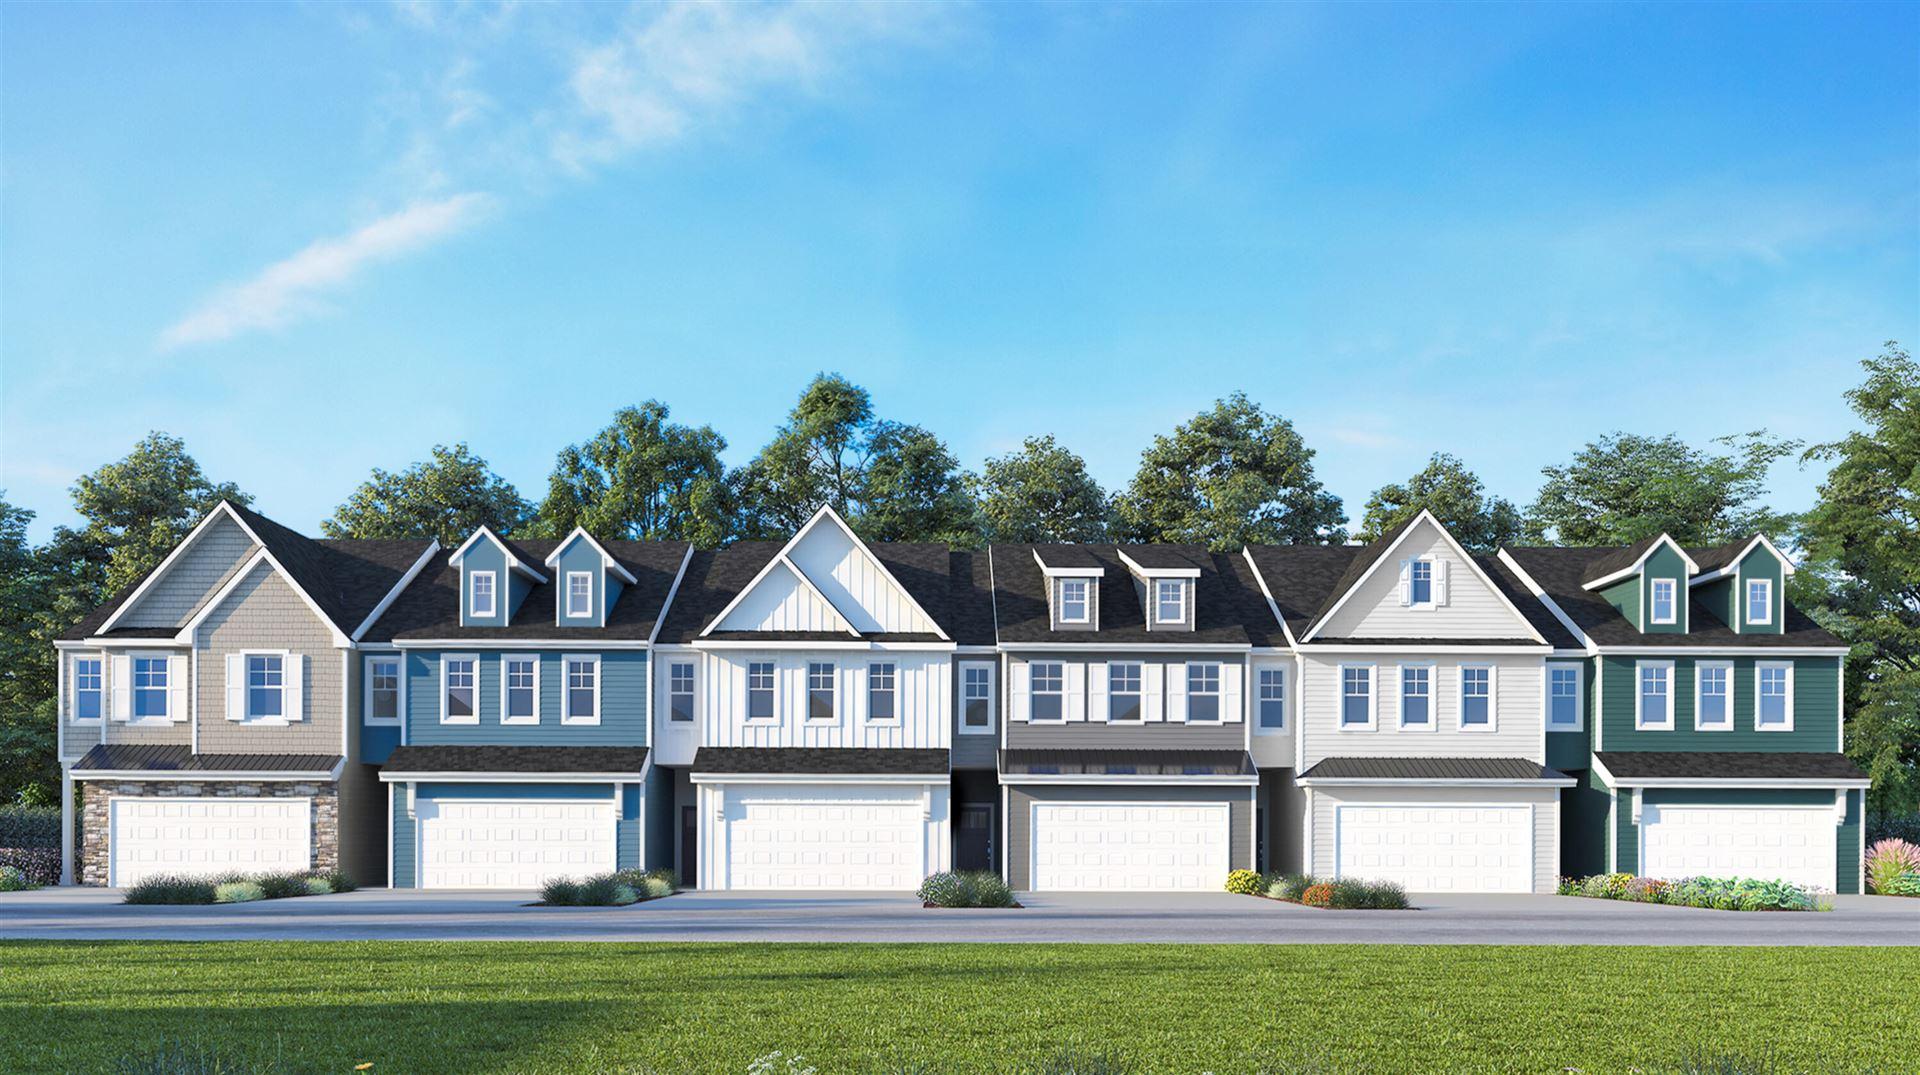 3154 Turret Drive SE #27, Kentwood, MI 49512 - MLS#: 21108138